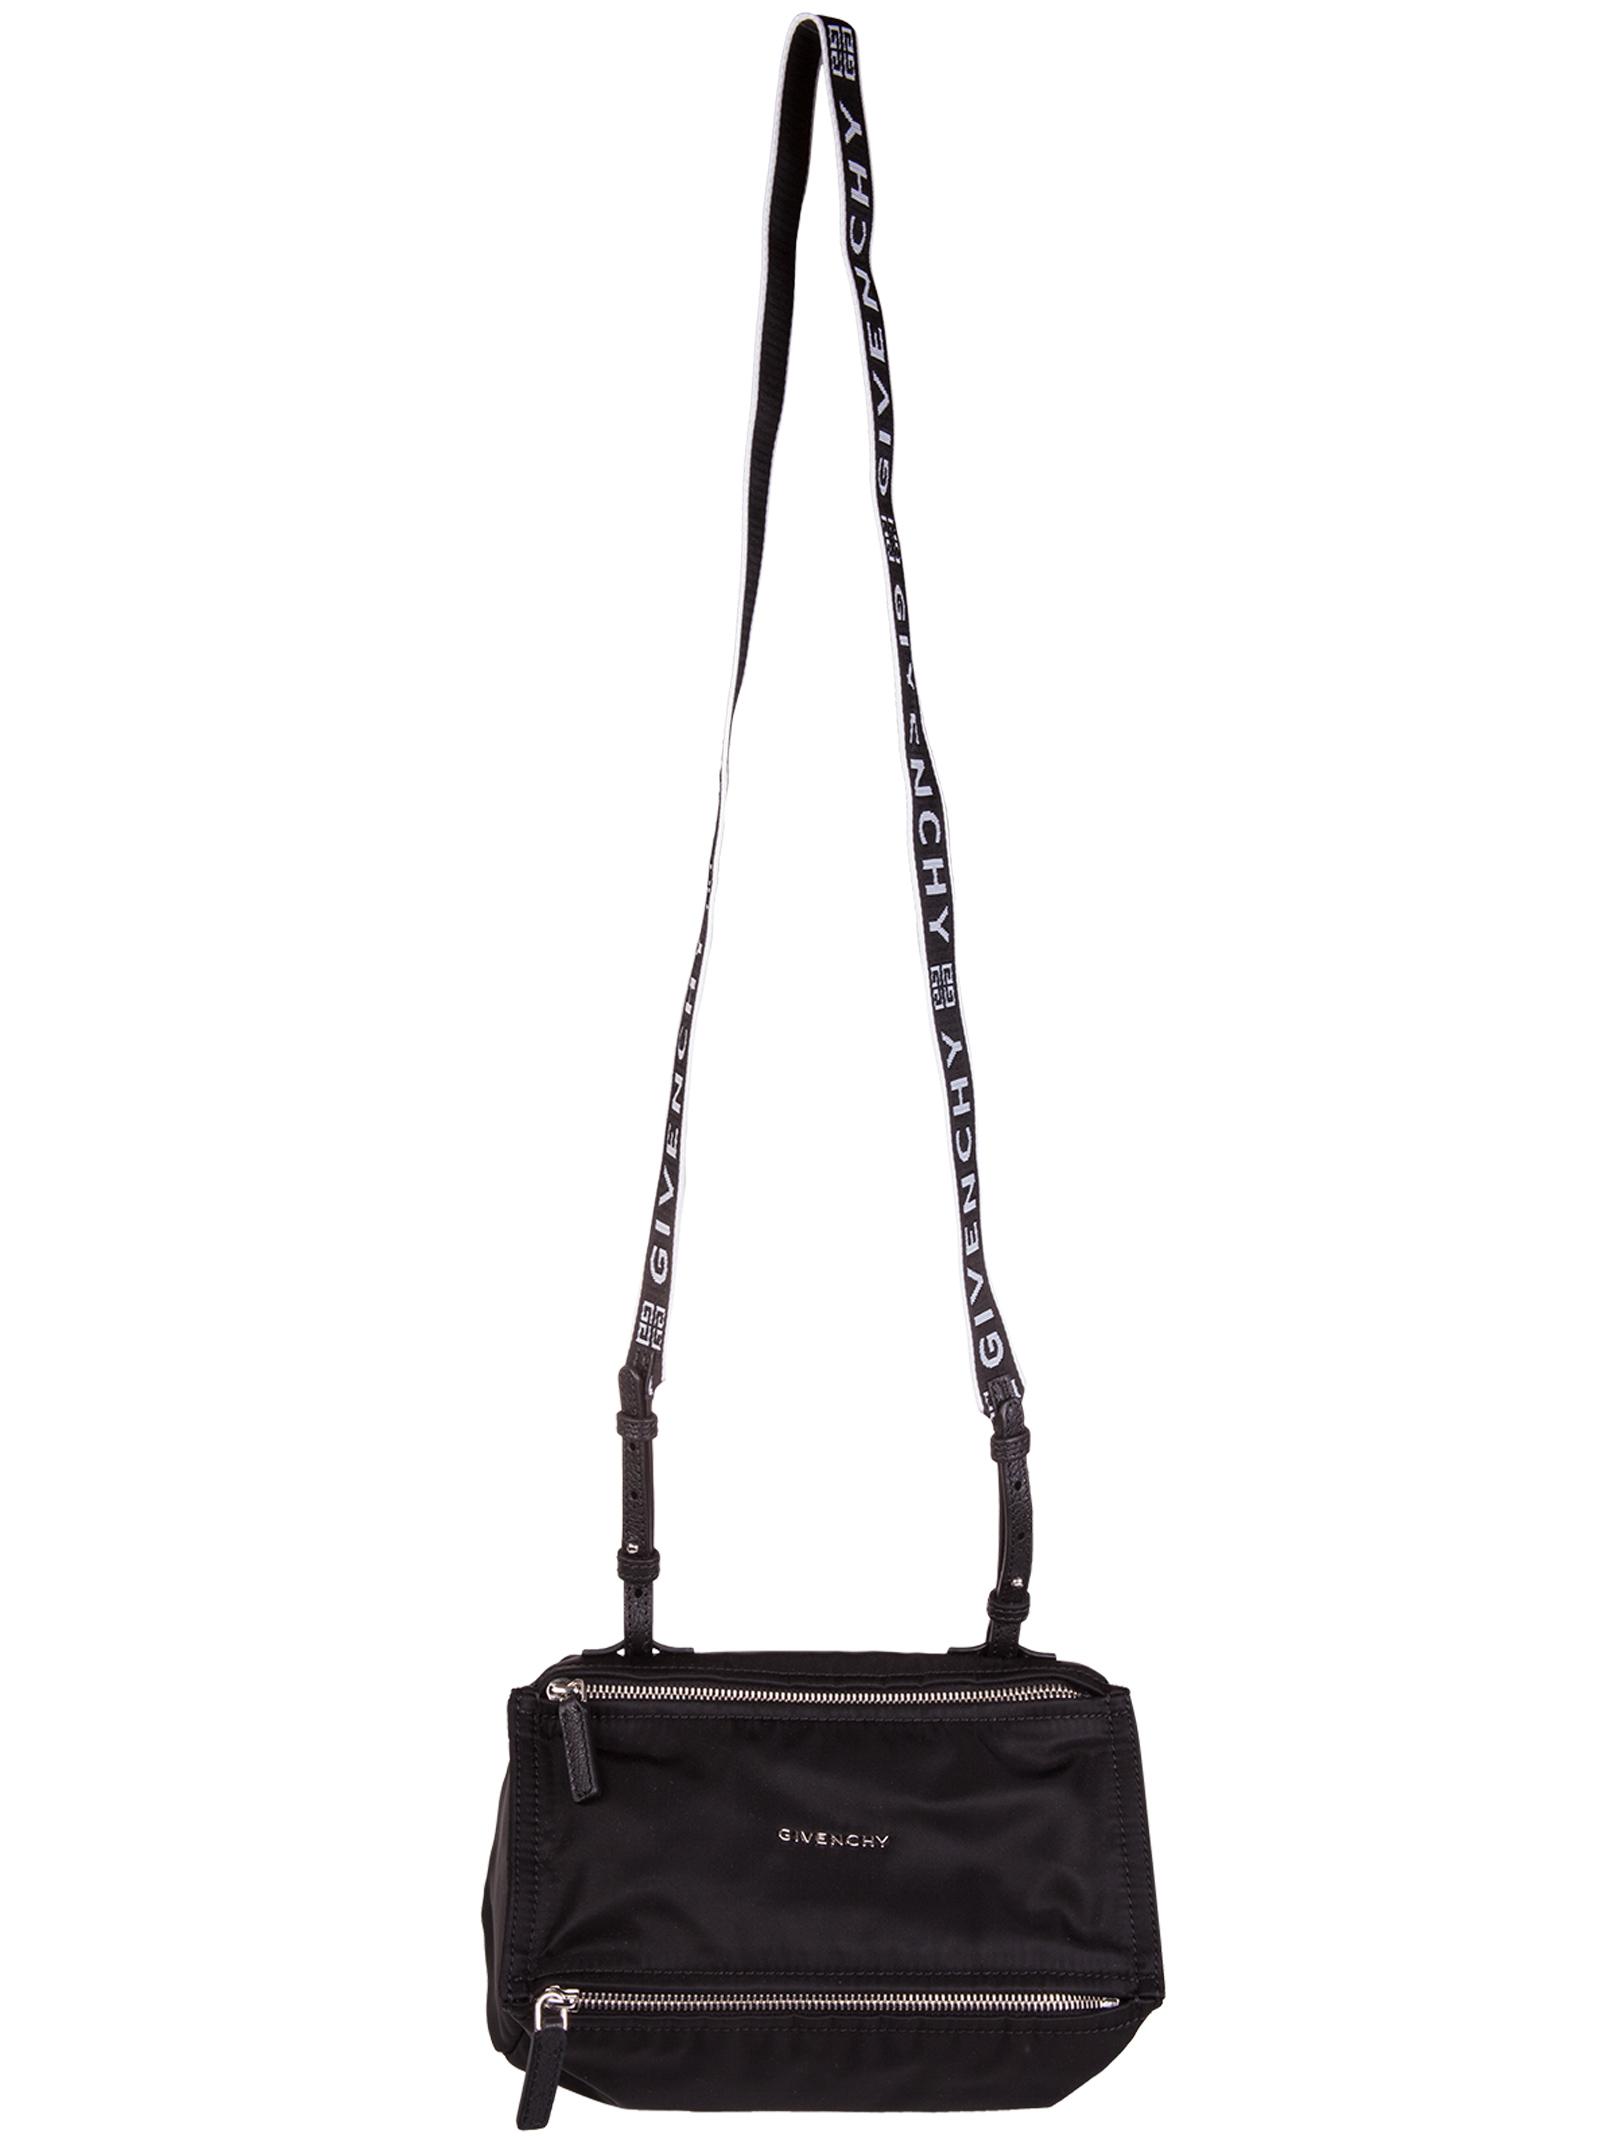 57c9bf8e2b Borsa a spalla Givenchy - Givenchy - Michele Franzese Moda